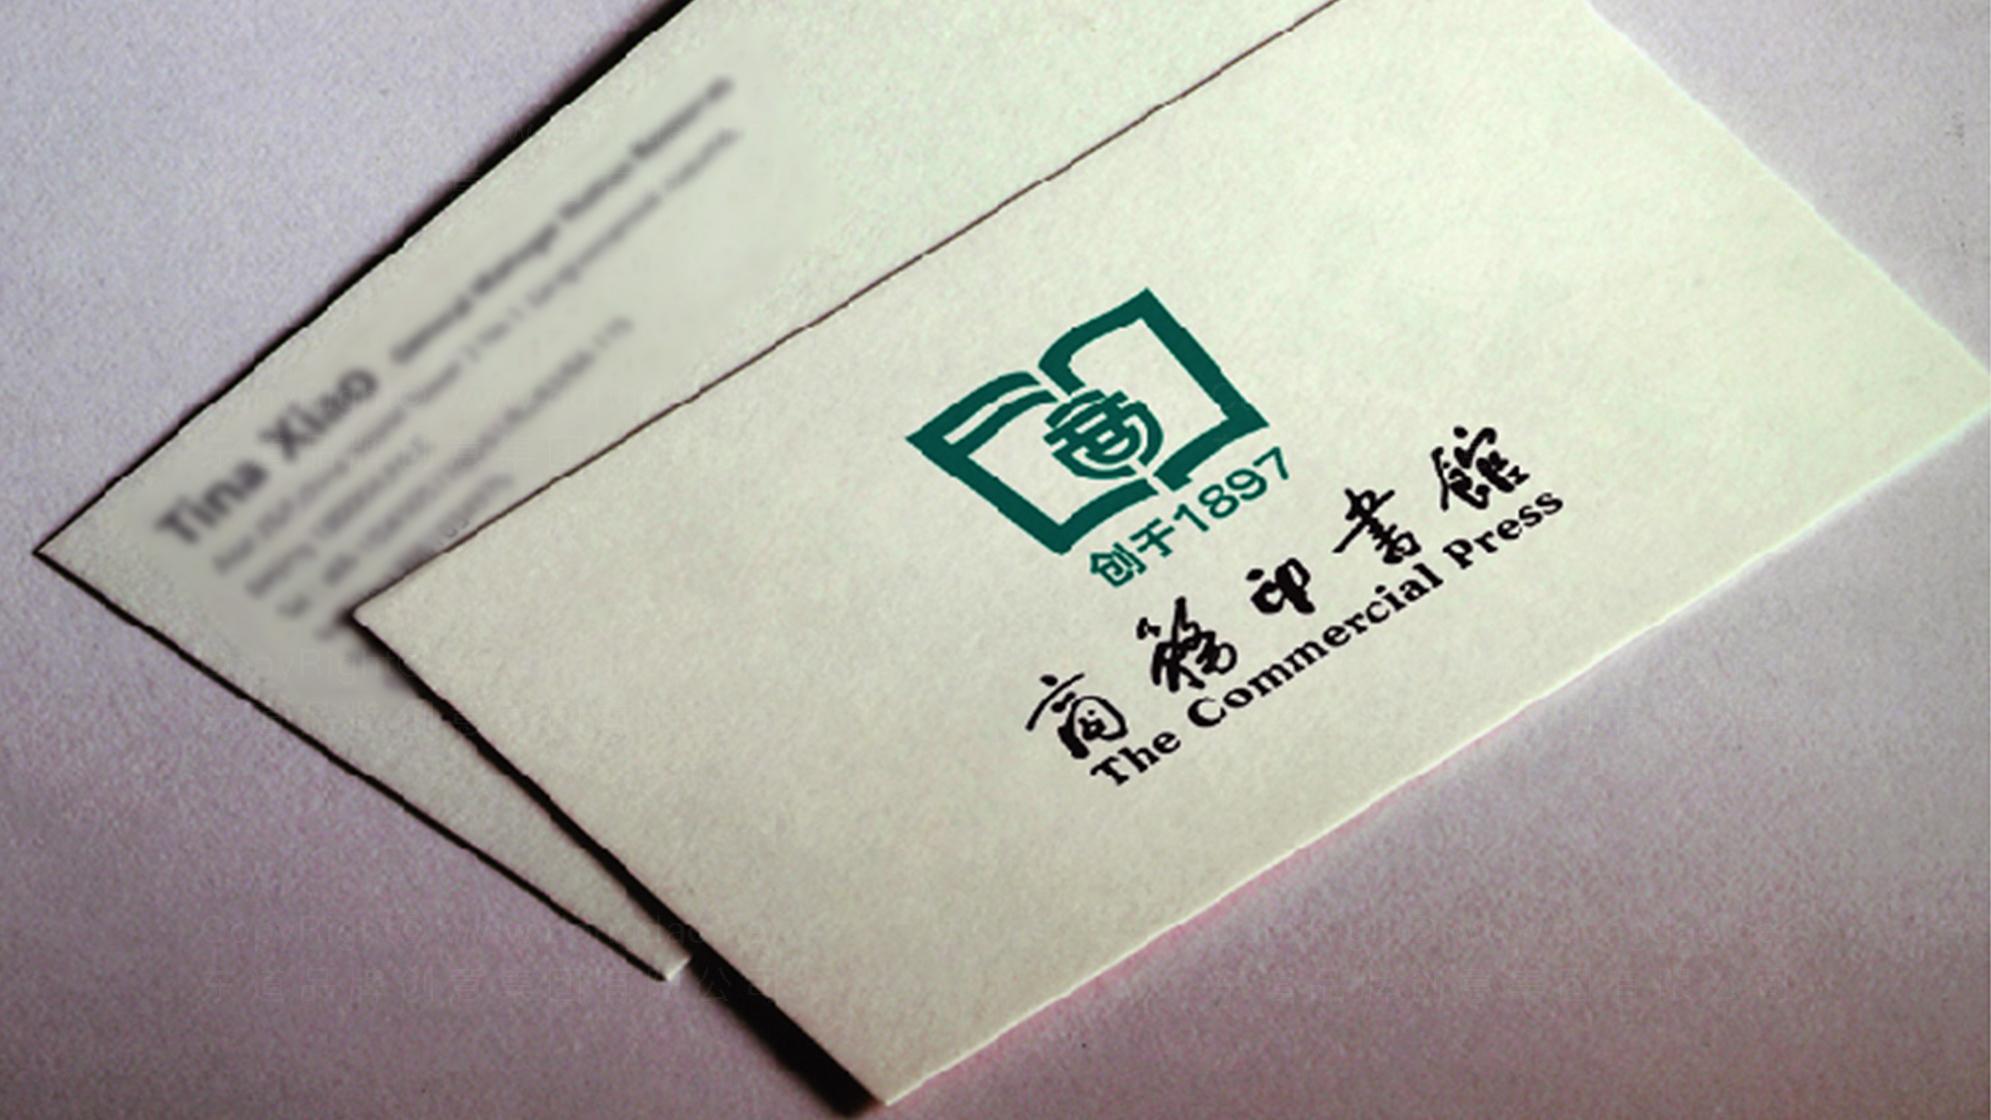 品牌设计商务印书馆LOGO优化&VI设计应用场景